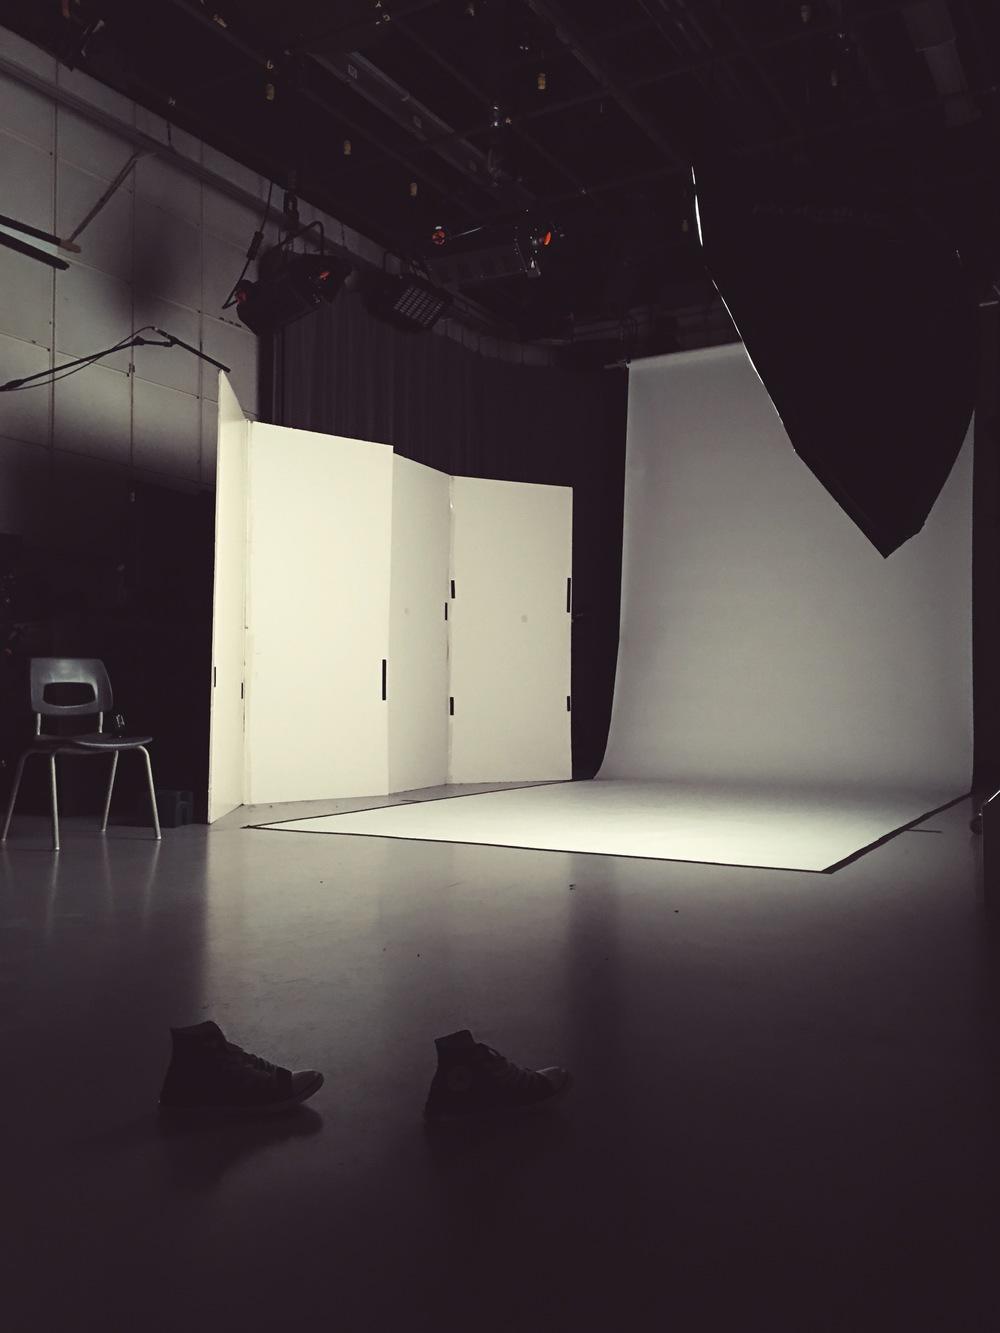 Danse_Portrait_Emilie_Tournevache_Photographer_montreal_BTS